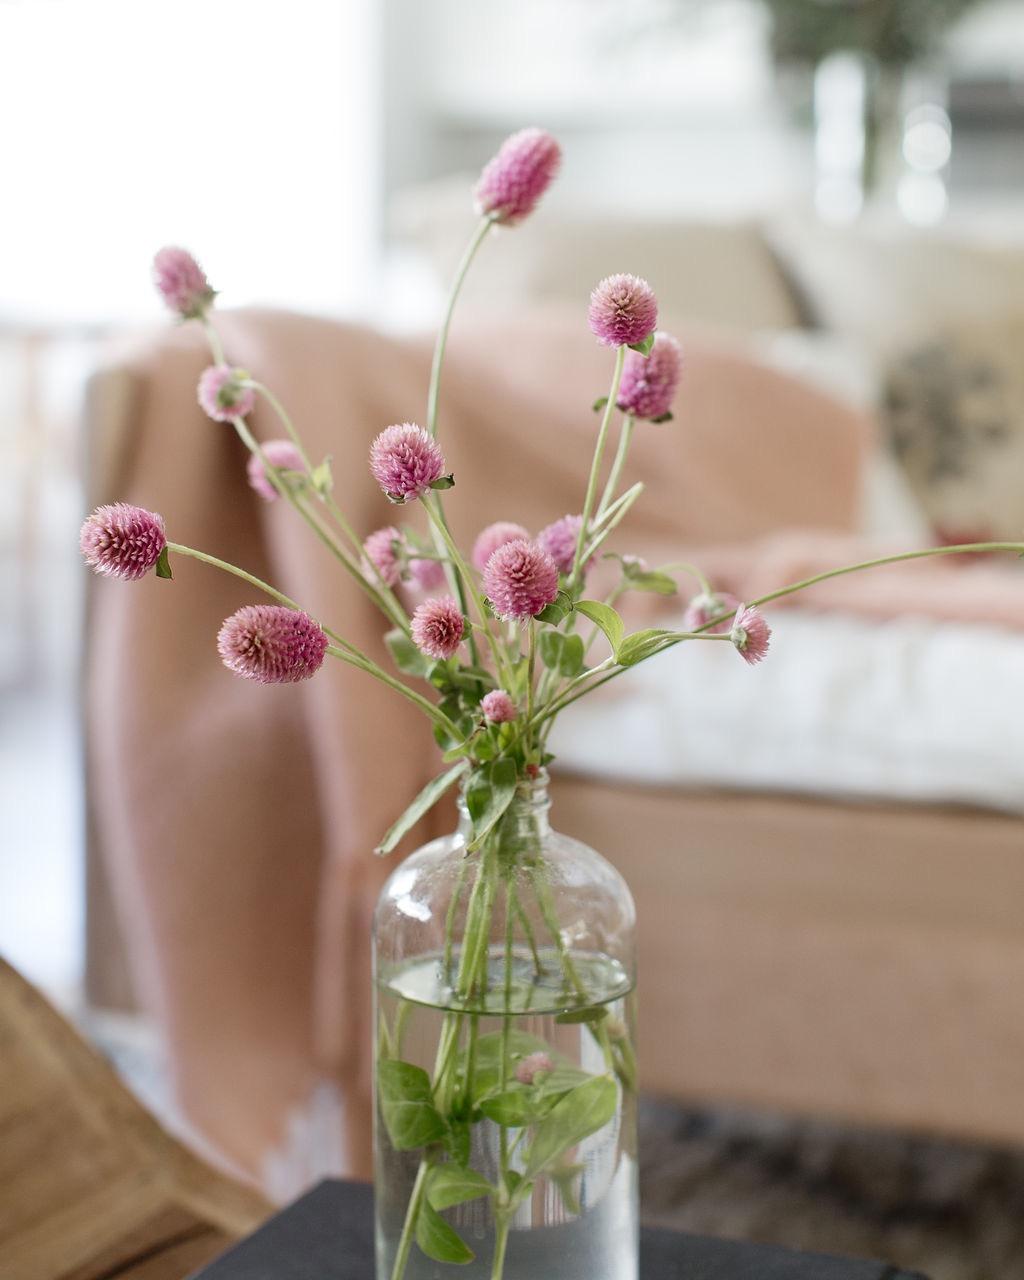 los angeles interior designer casual comfortable clover